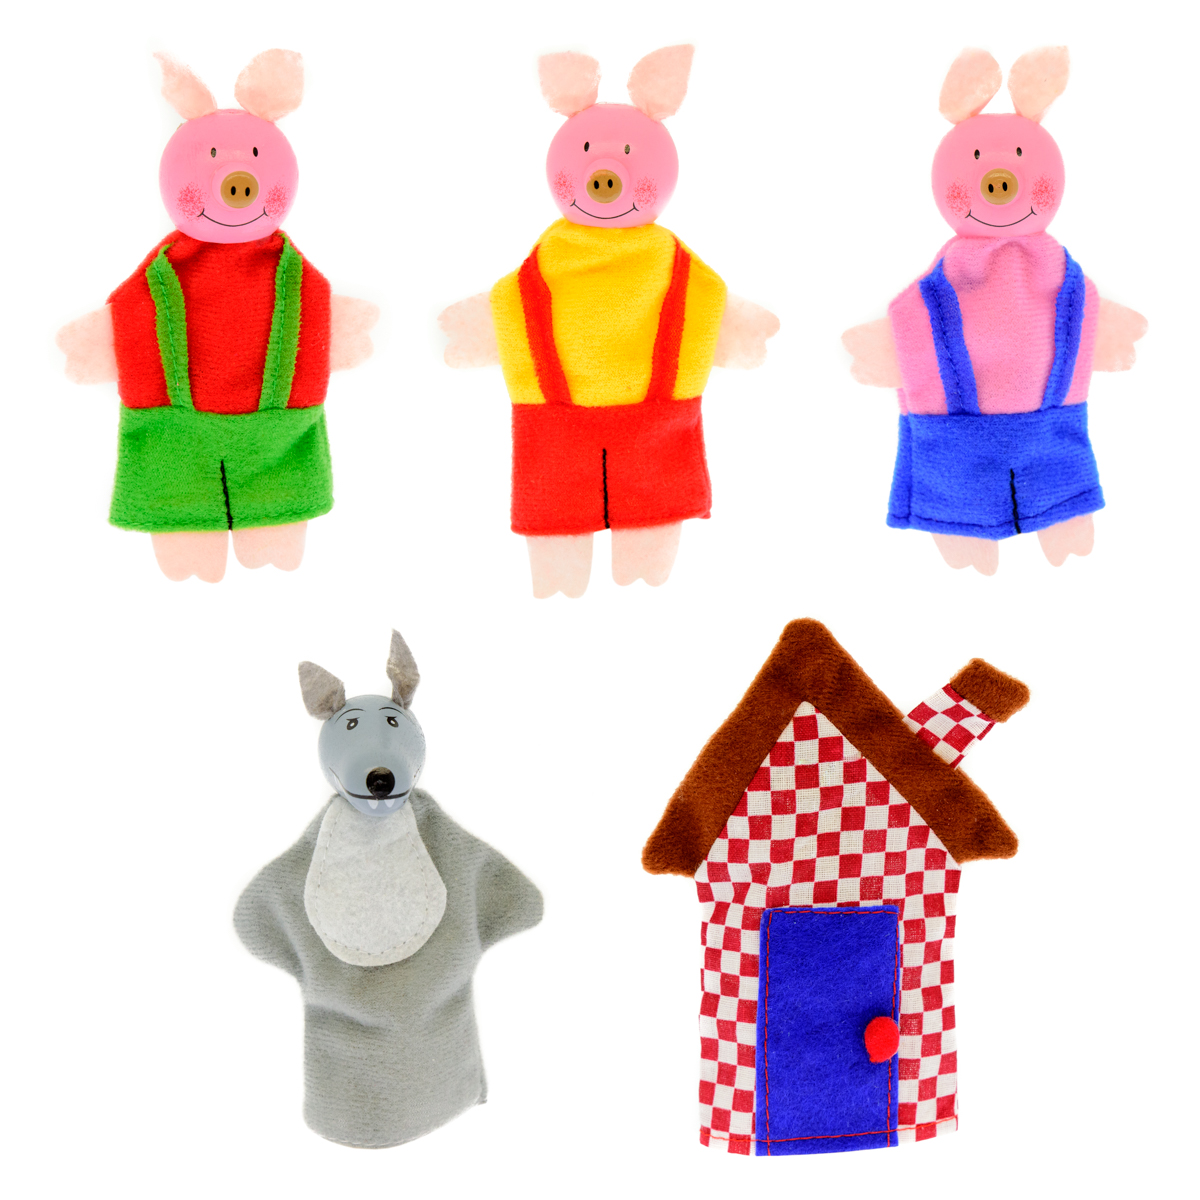 Анданте Кукольный театр Три поросенка пазлы игрушки из дерева пазлы книжка три поросенка